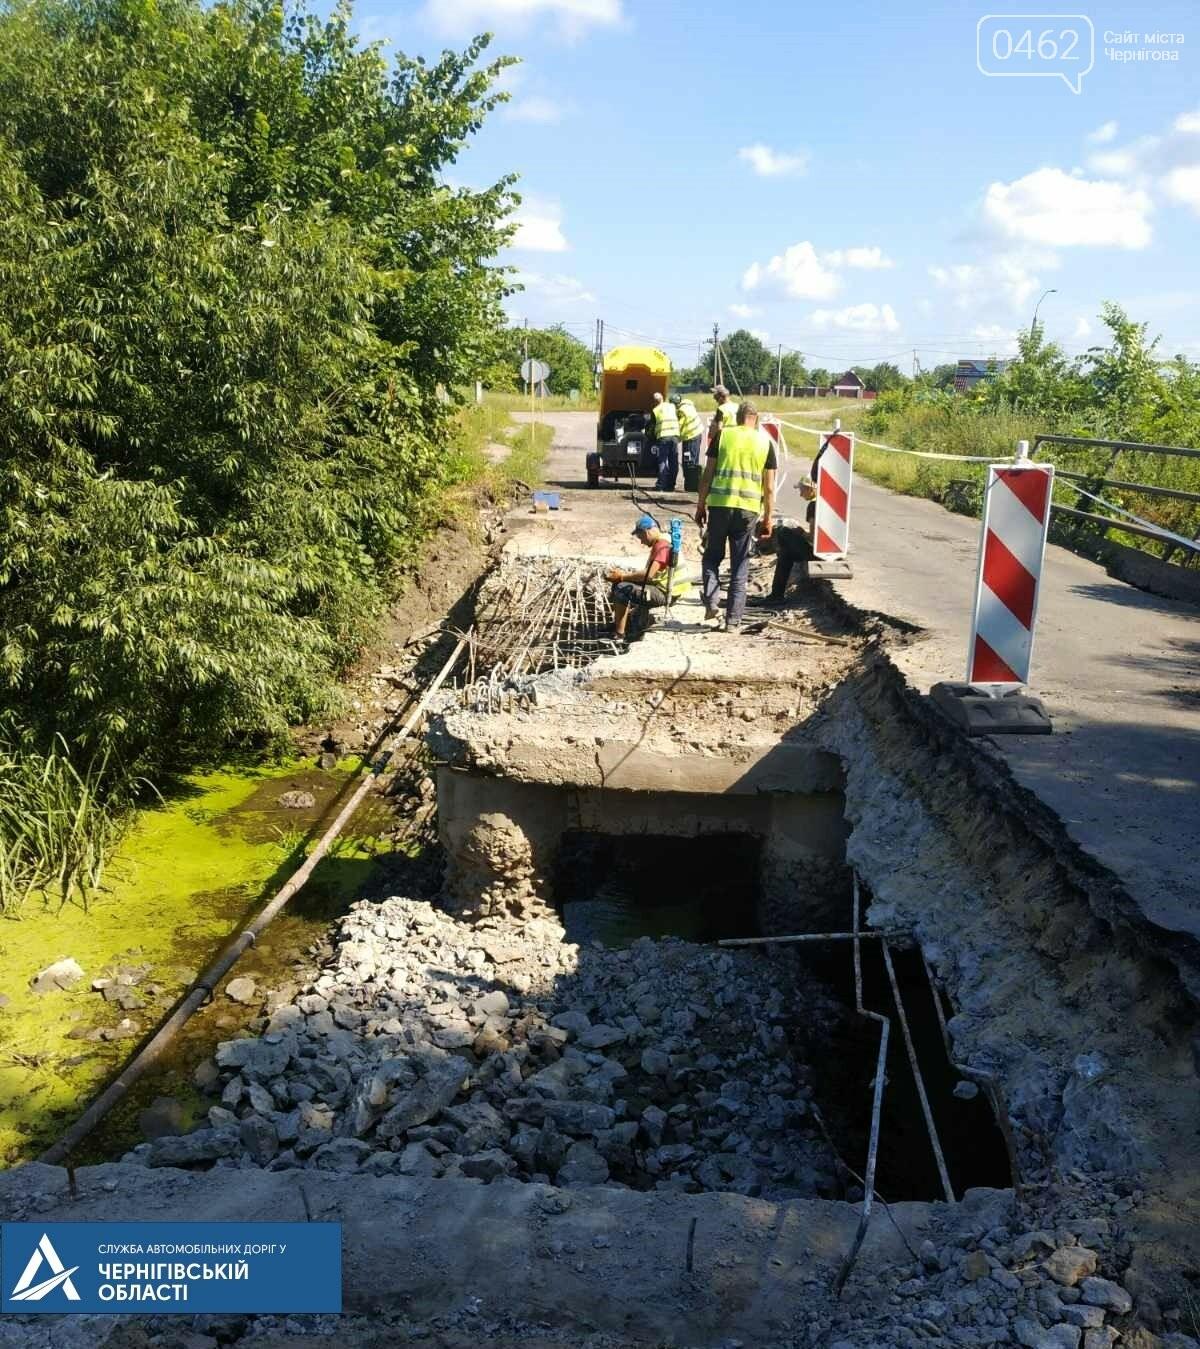 Аварійні мости у Чернігівський області: один відновили, інший розбирають, фото-1